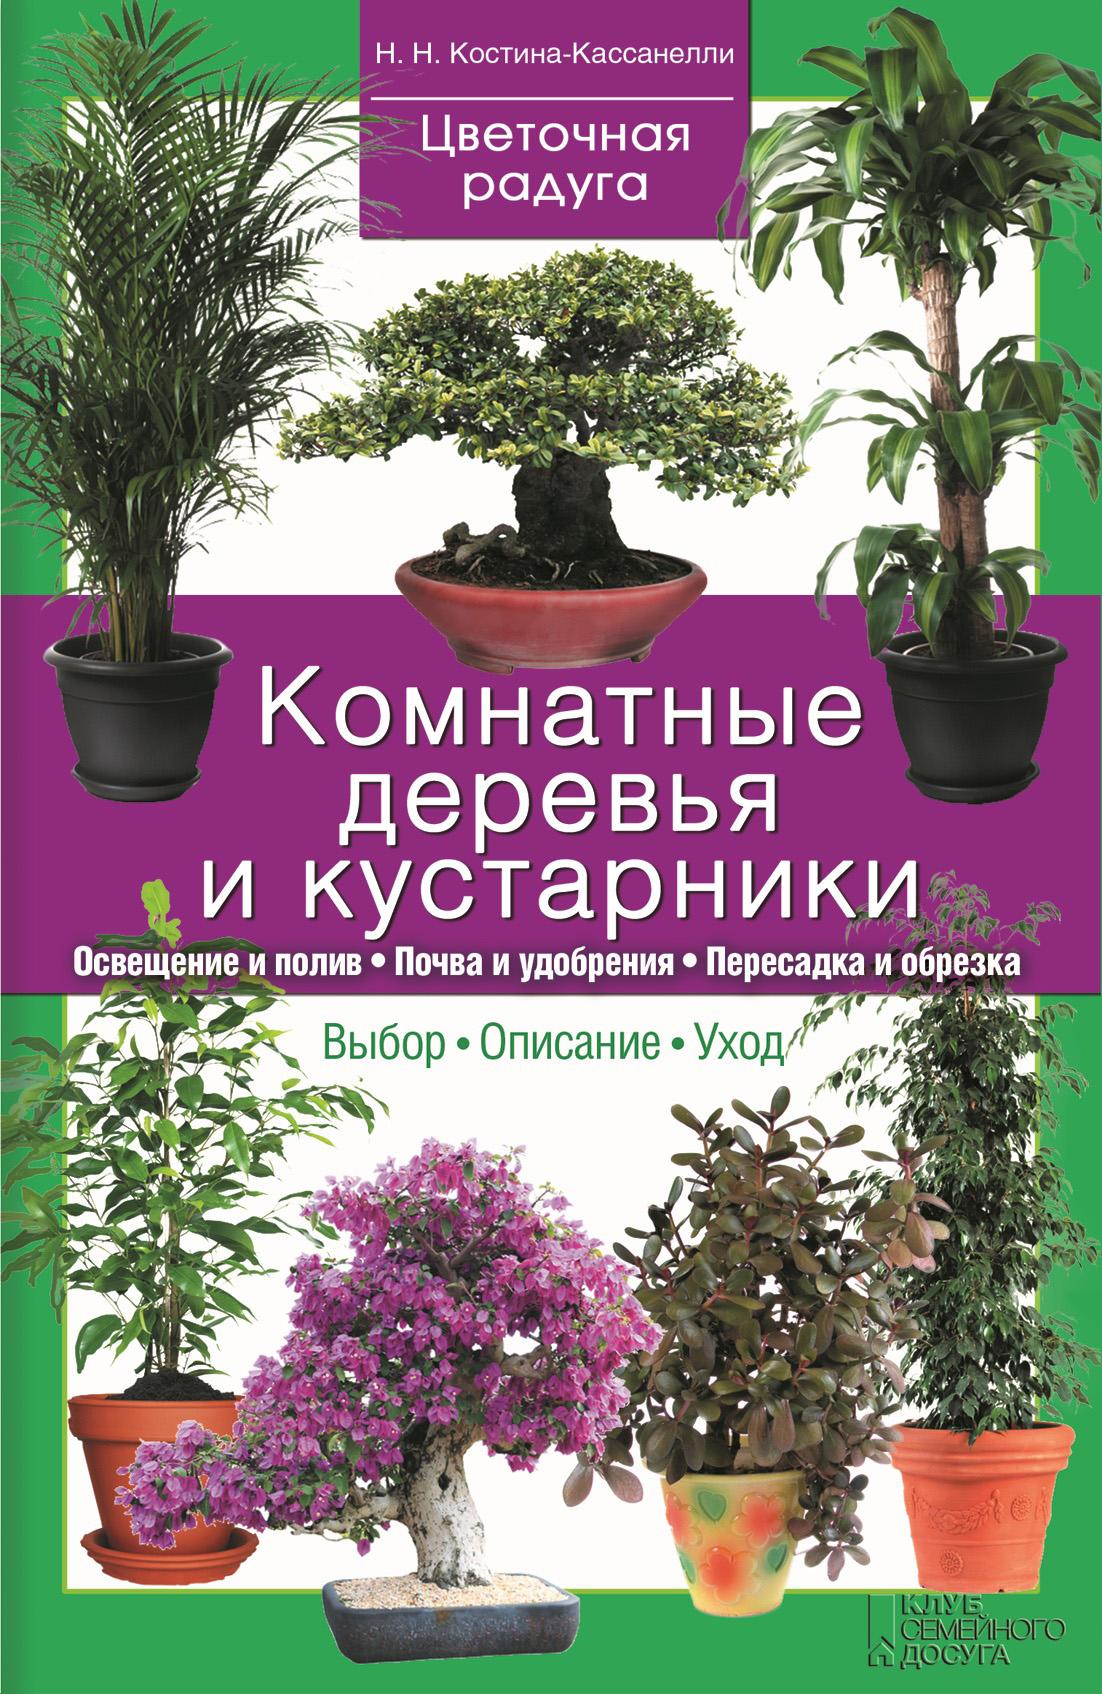 Комнатные деревья и кустарники